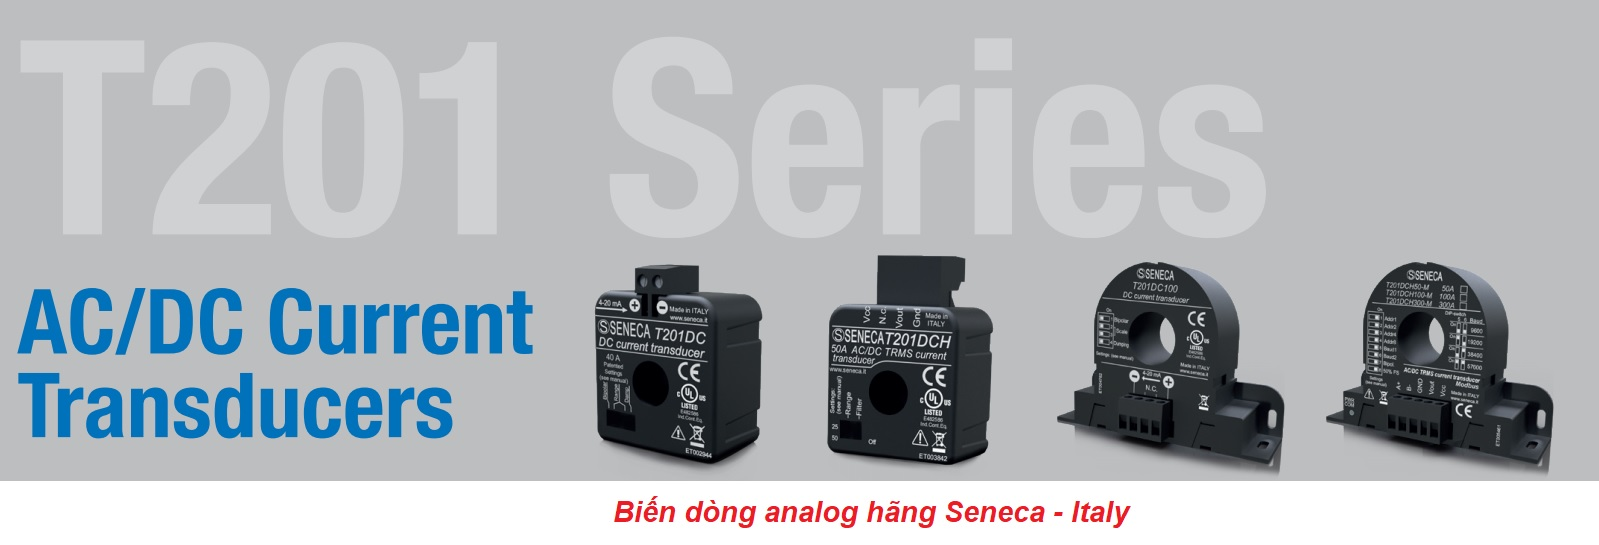 Biến dòng analog hãng Seneca